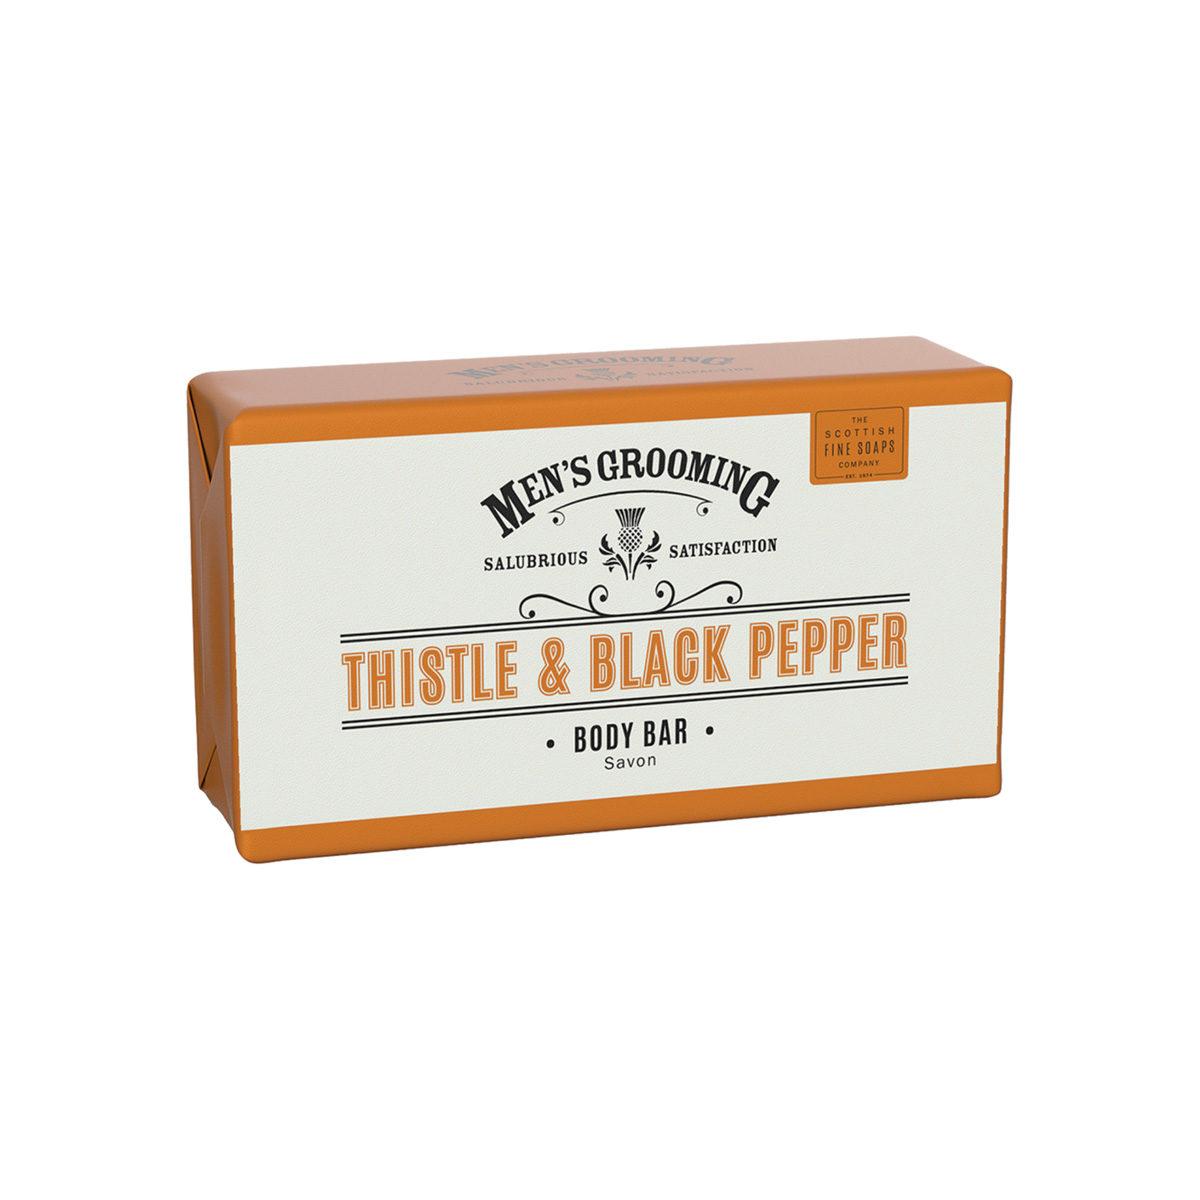 Thistle & Black Pepper Body Bar